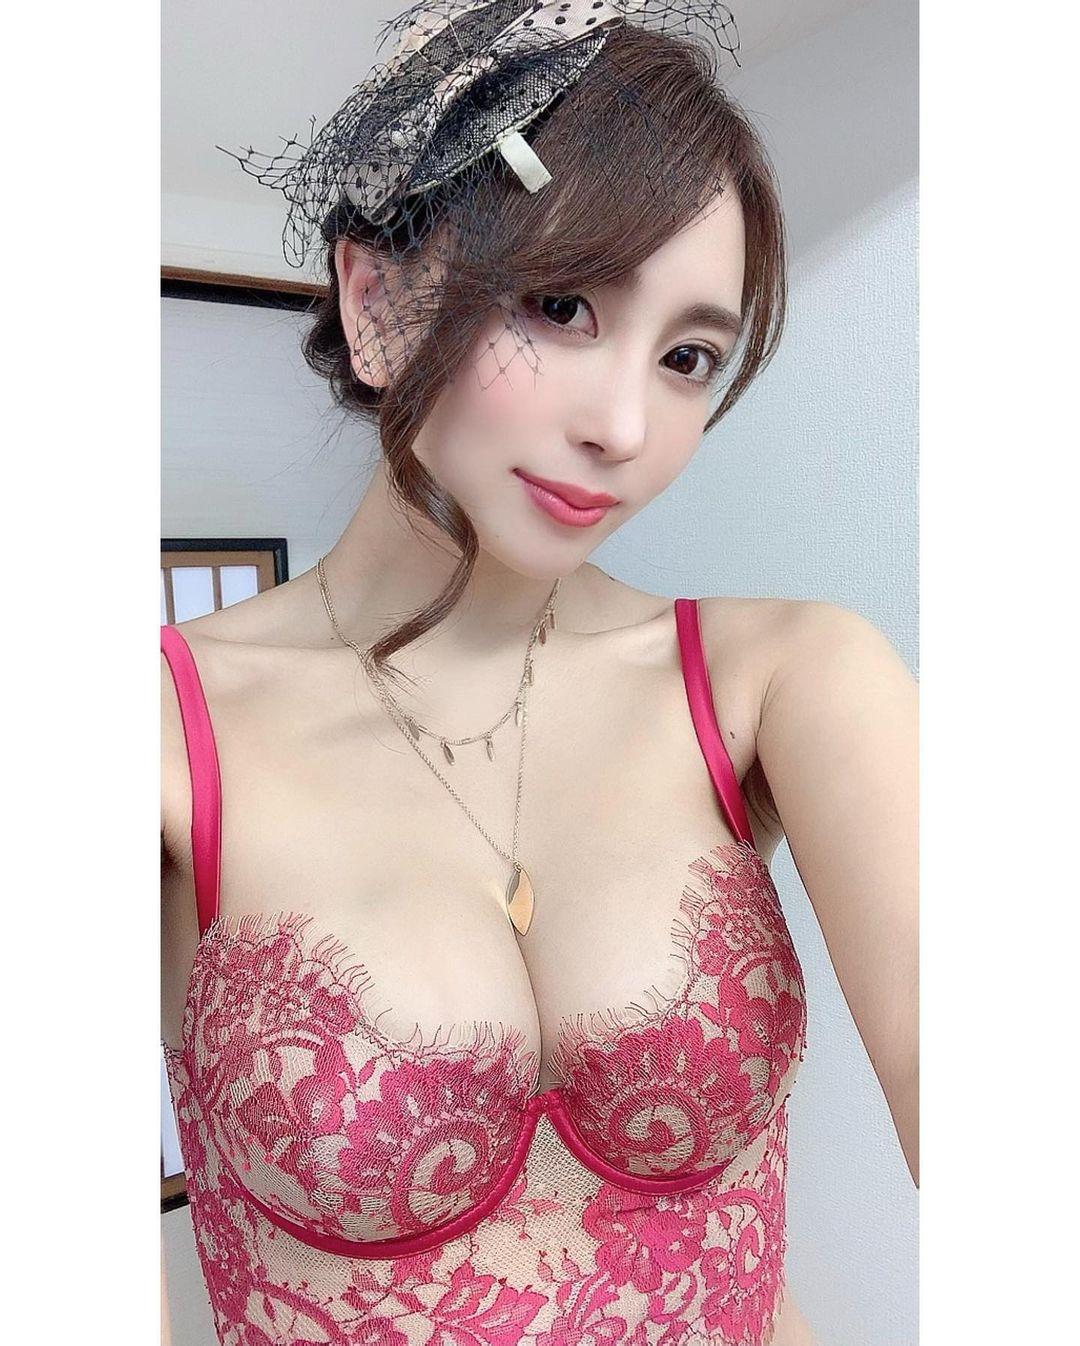 セクシーな下着姿を披露【森咲智美さん/2020年12月16日】